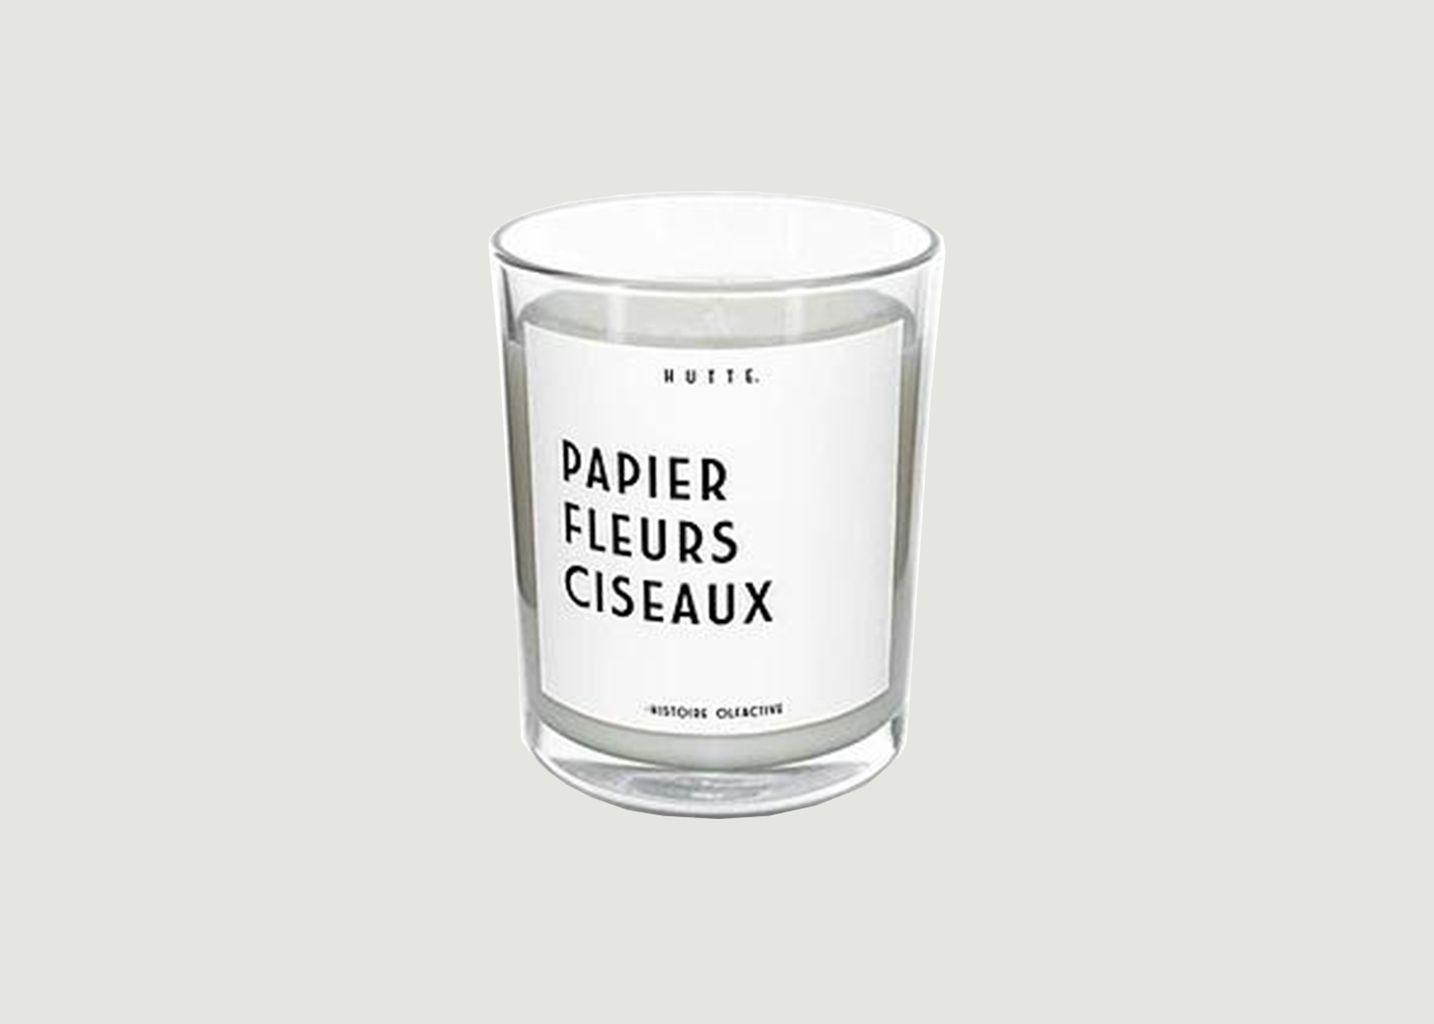 Bougie parfumée Papier Fleurs Ciseaux - Hutte